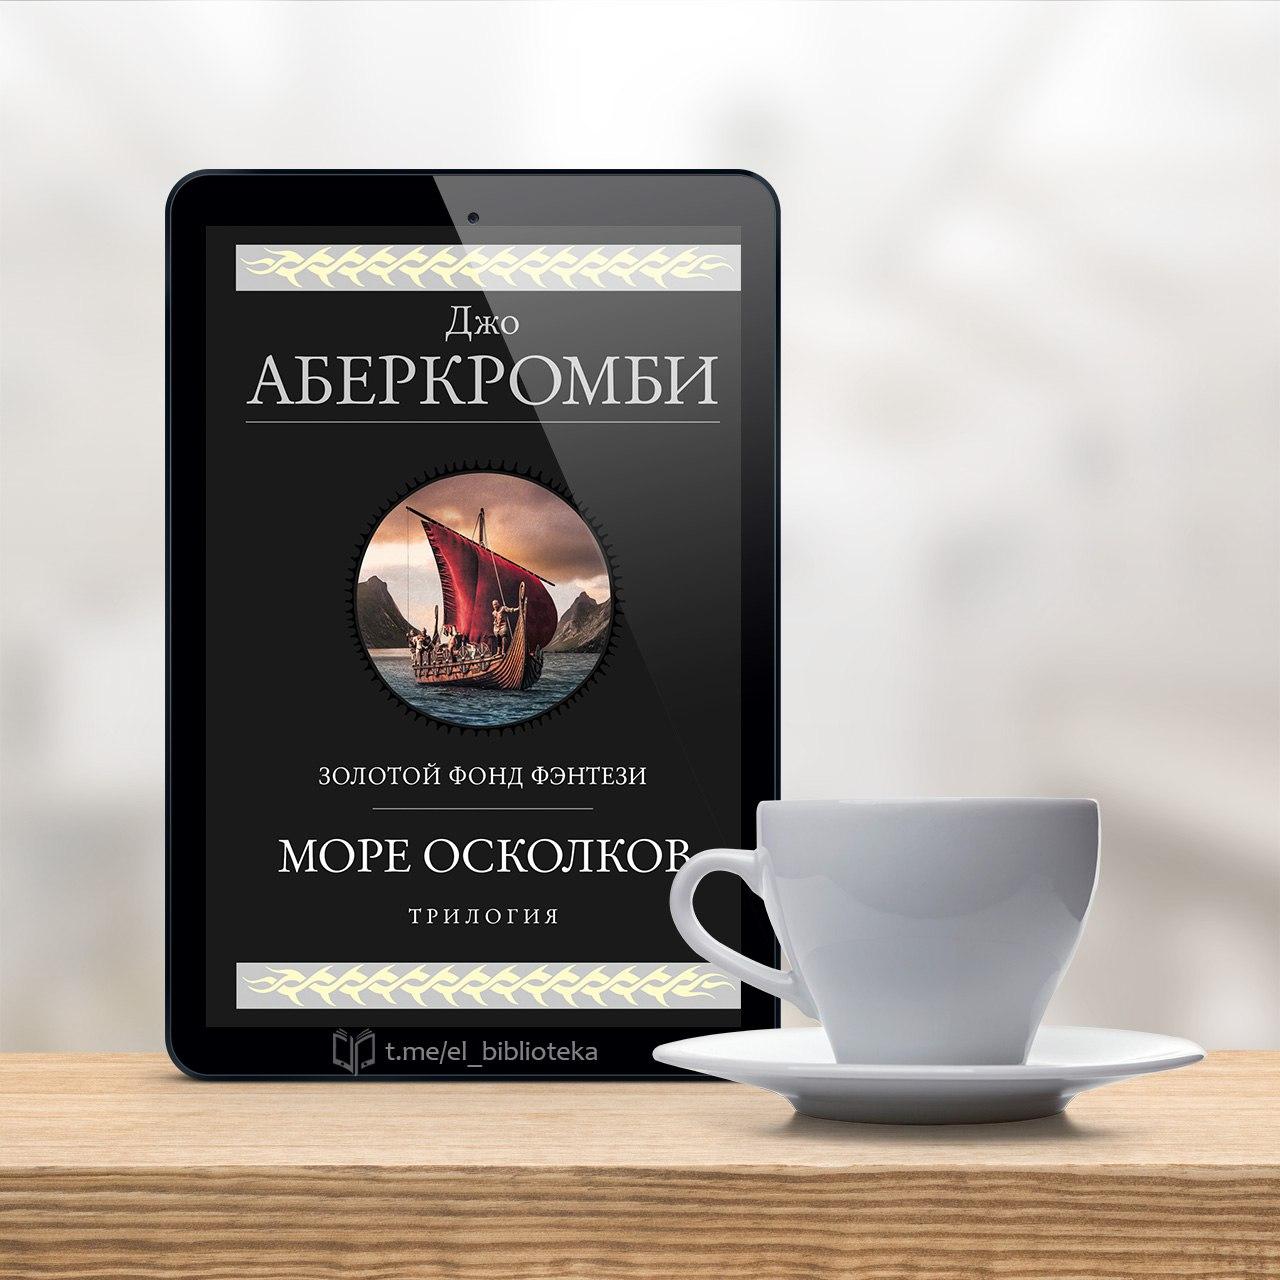  Море Осколков (трилогия)  Автор:  Аберкромби_Джо  Год издания: 2021...